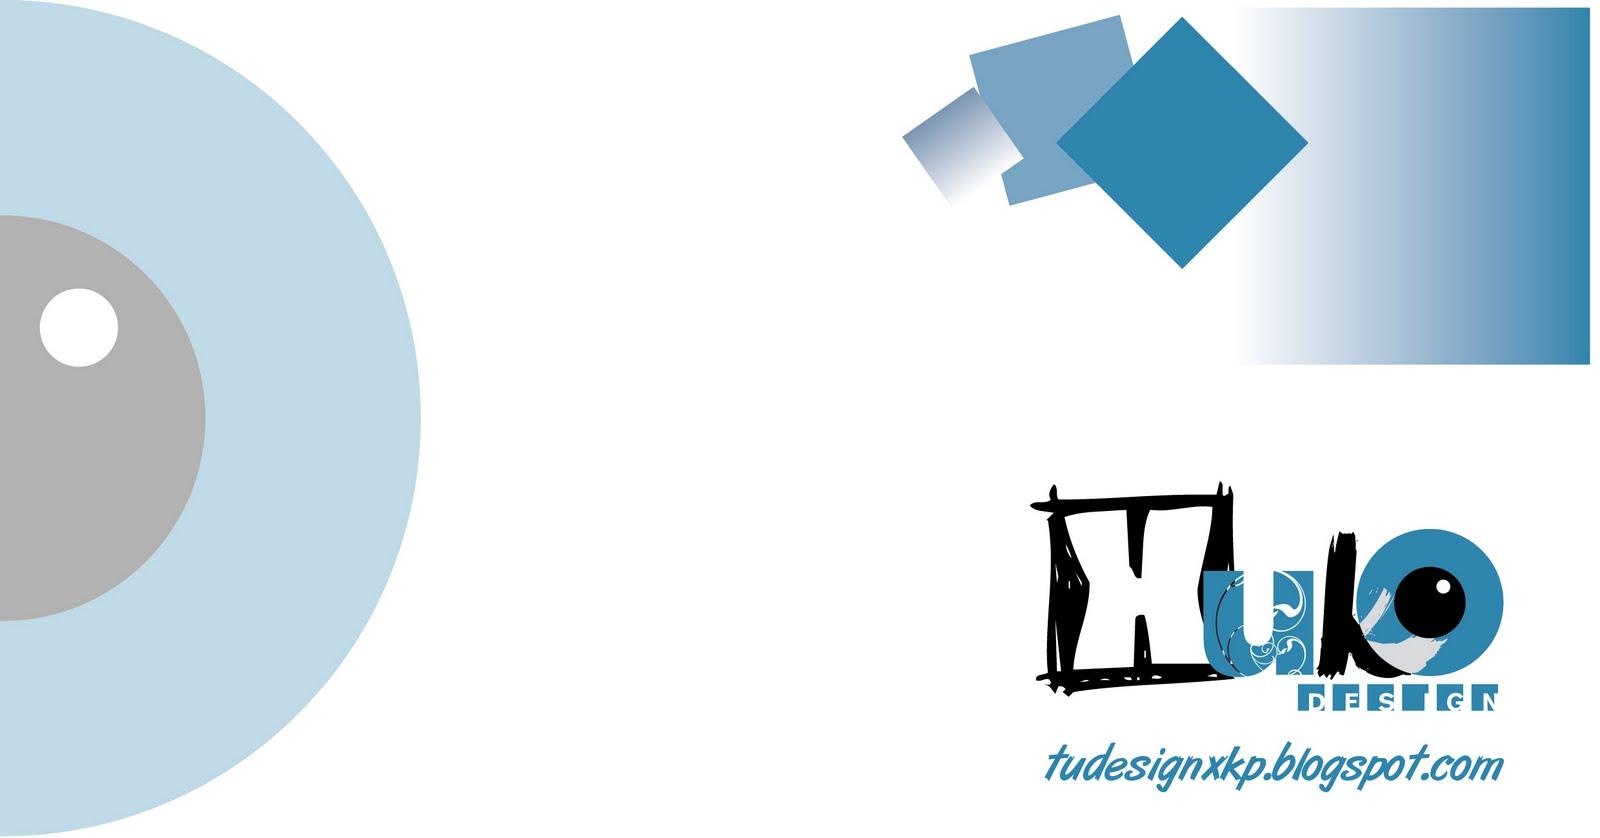 3 - Felipe Moreno - Diseñador Gráfico: julio 2011